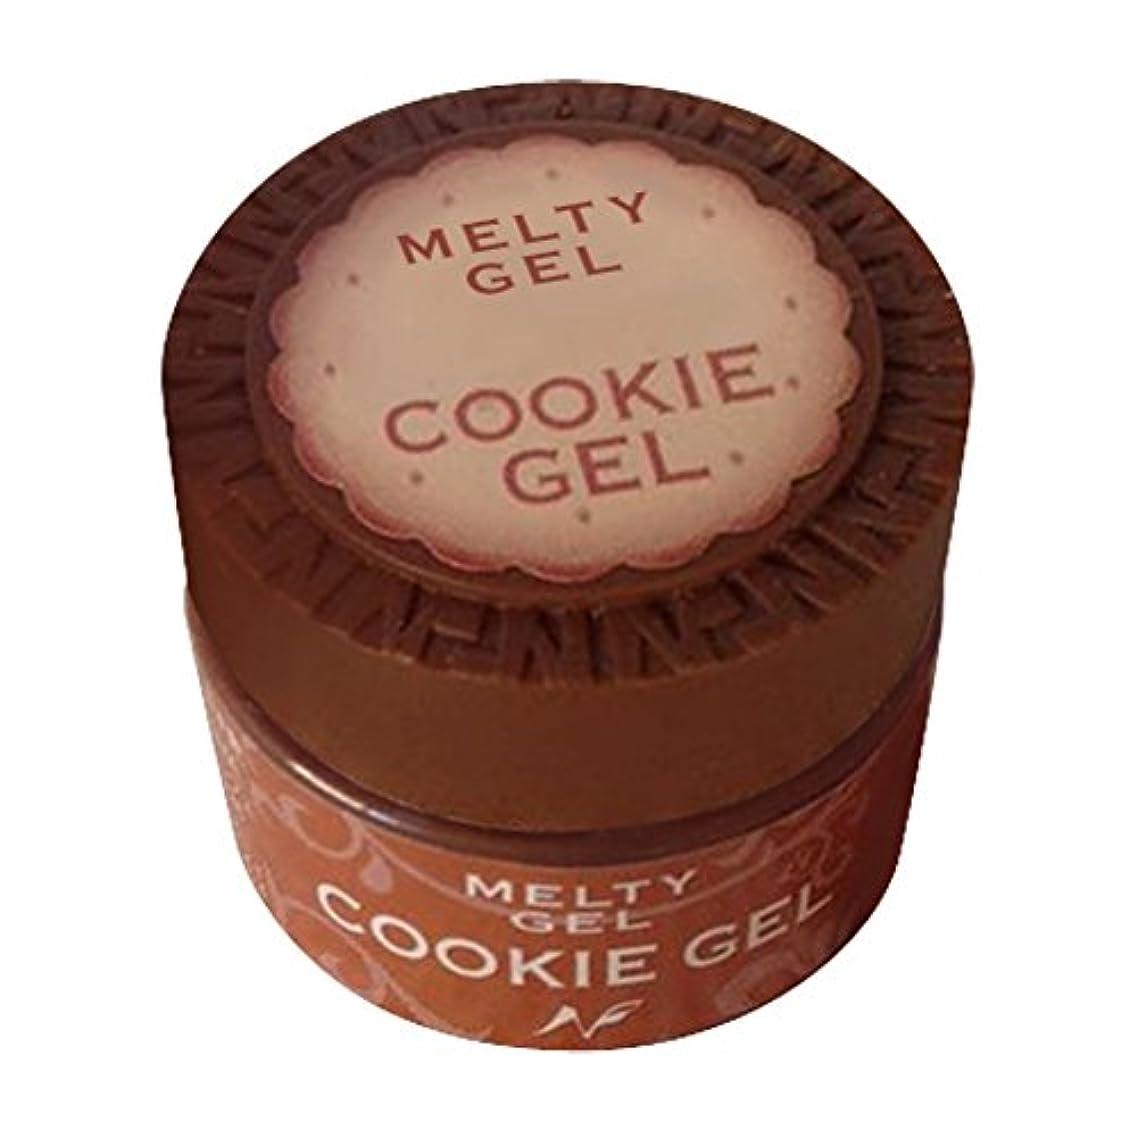 集中報酬曖昧なNatural Field Melty Gel クッキージェル 3902ブルー 5g